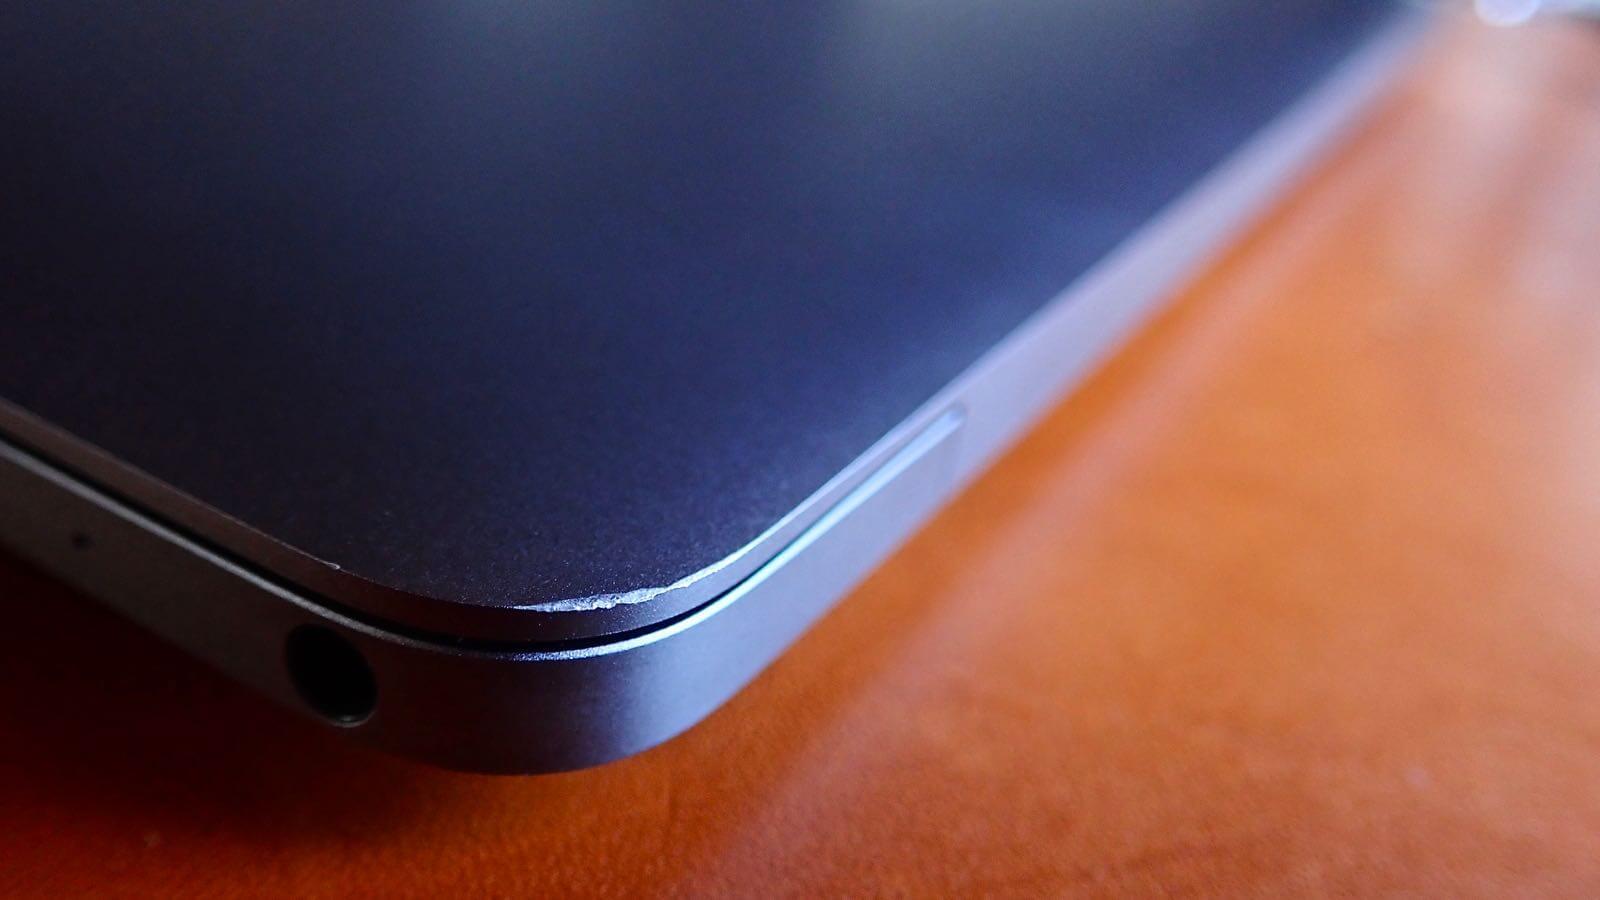 0216 Macbook  apple sleeve 02